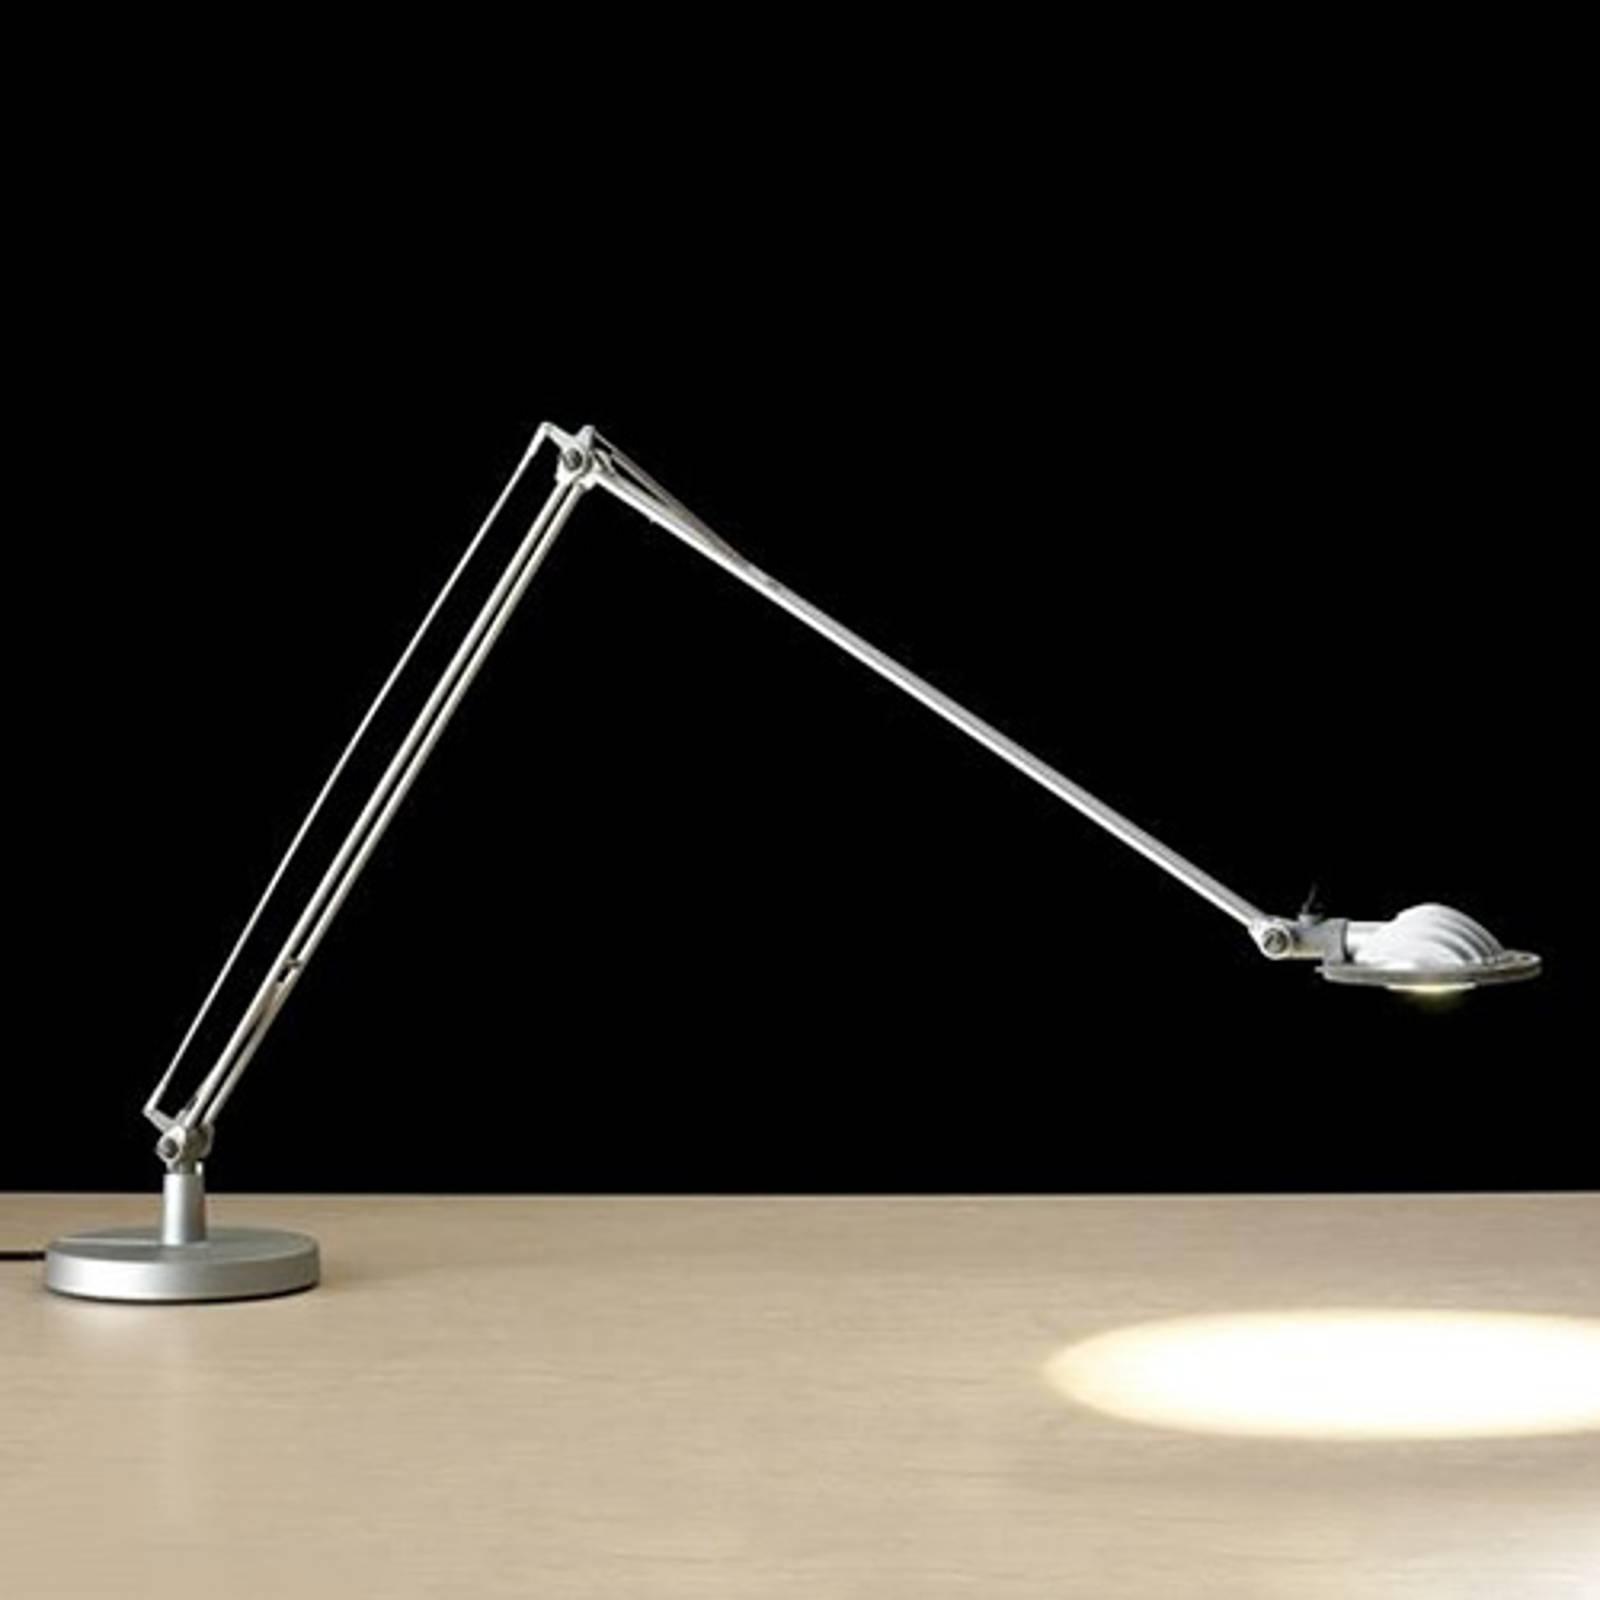 Berenice-LED-pöytävalaisin teollisella tyylillä